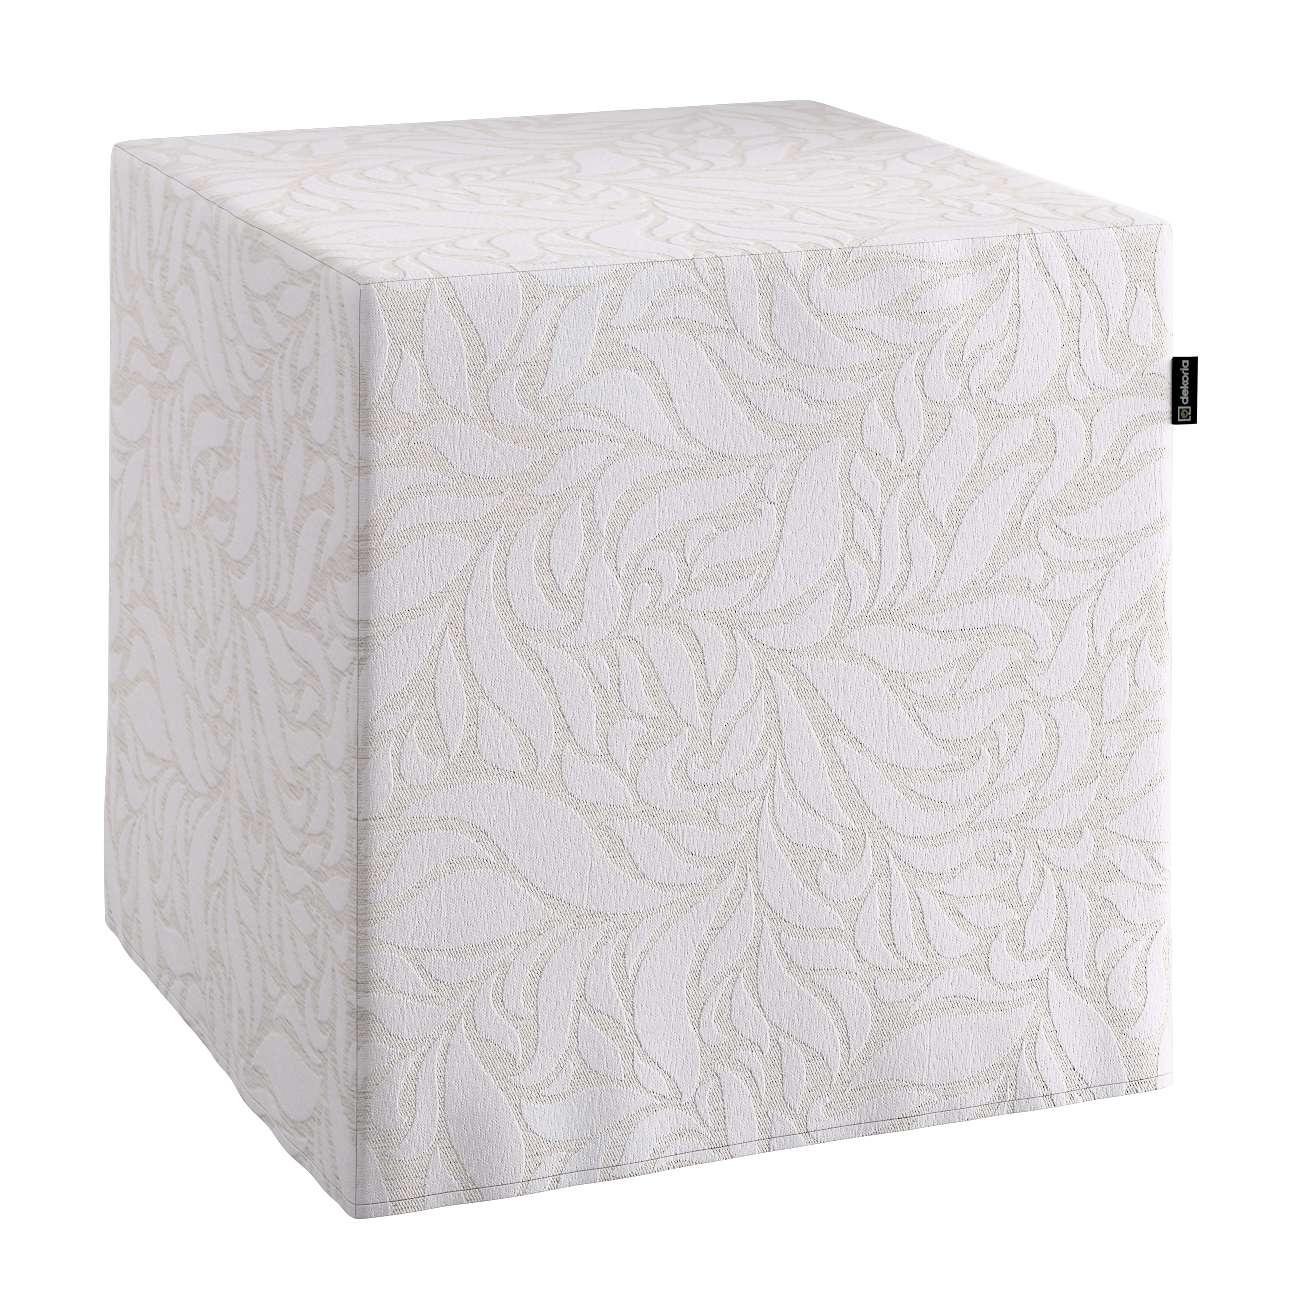 Pokrowiec na pufę kostke kostka 40x40x40 cm w kolekcji Venice, tkanina: 140-50